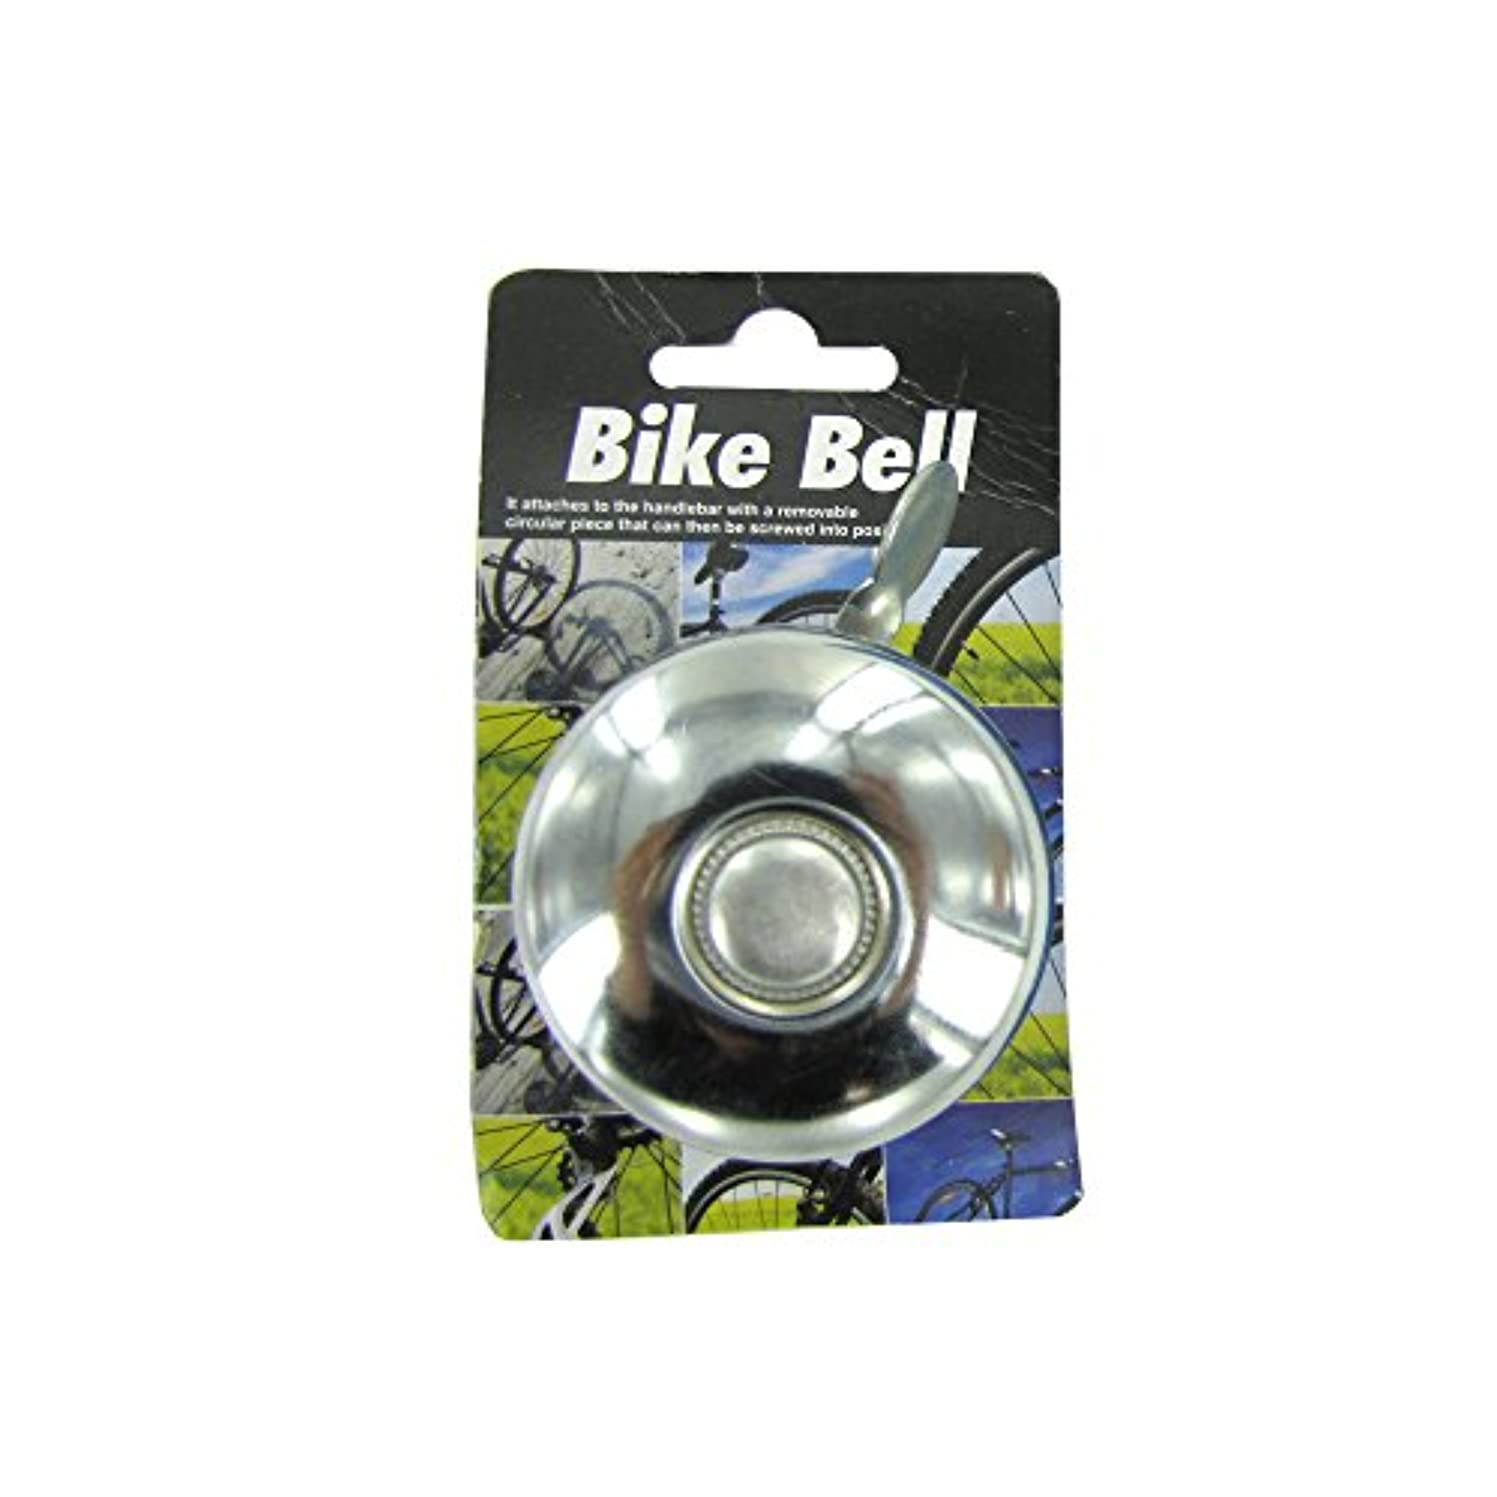 税金入手します差し迫ったMetal Bike Bell by Kole